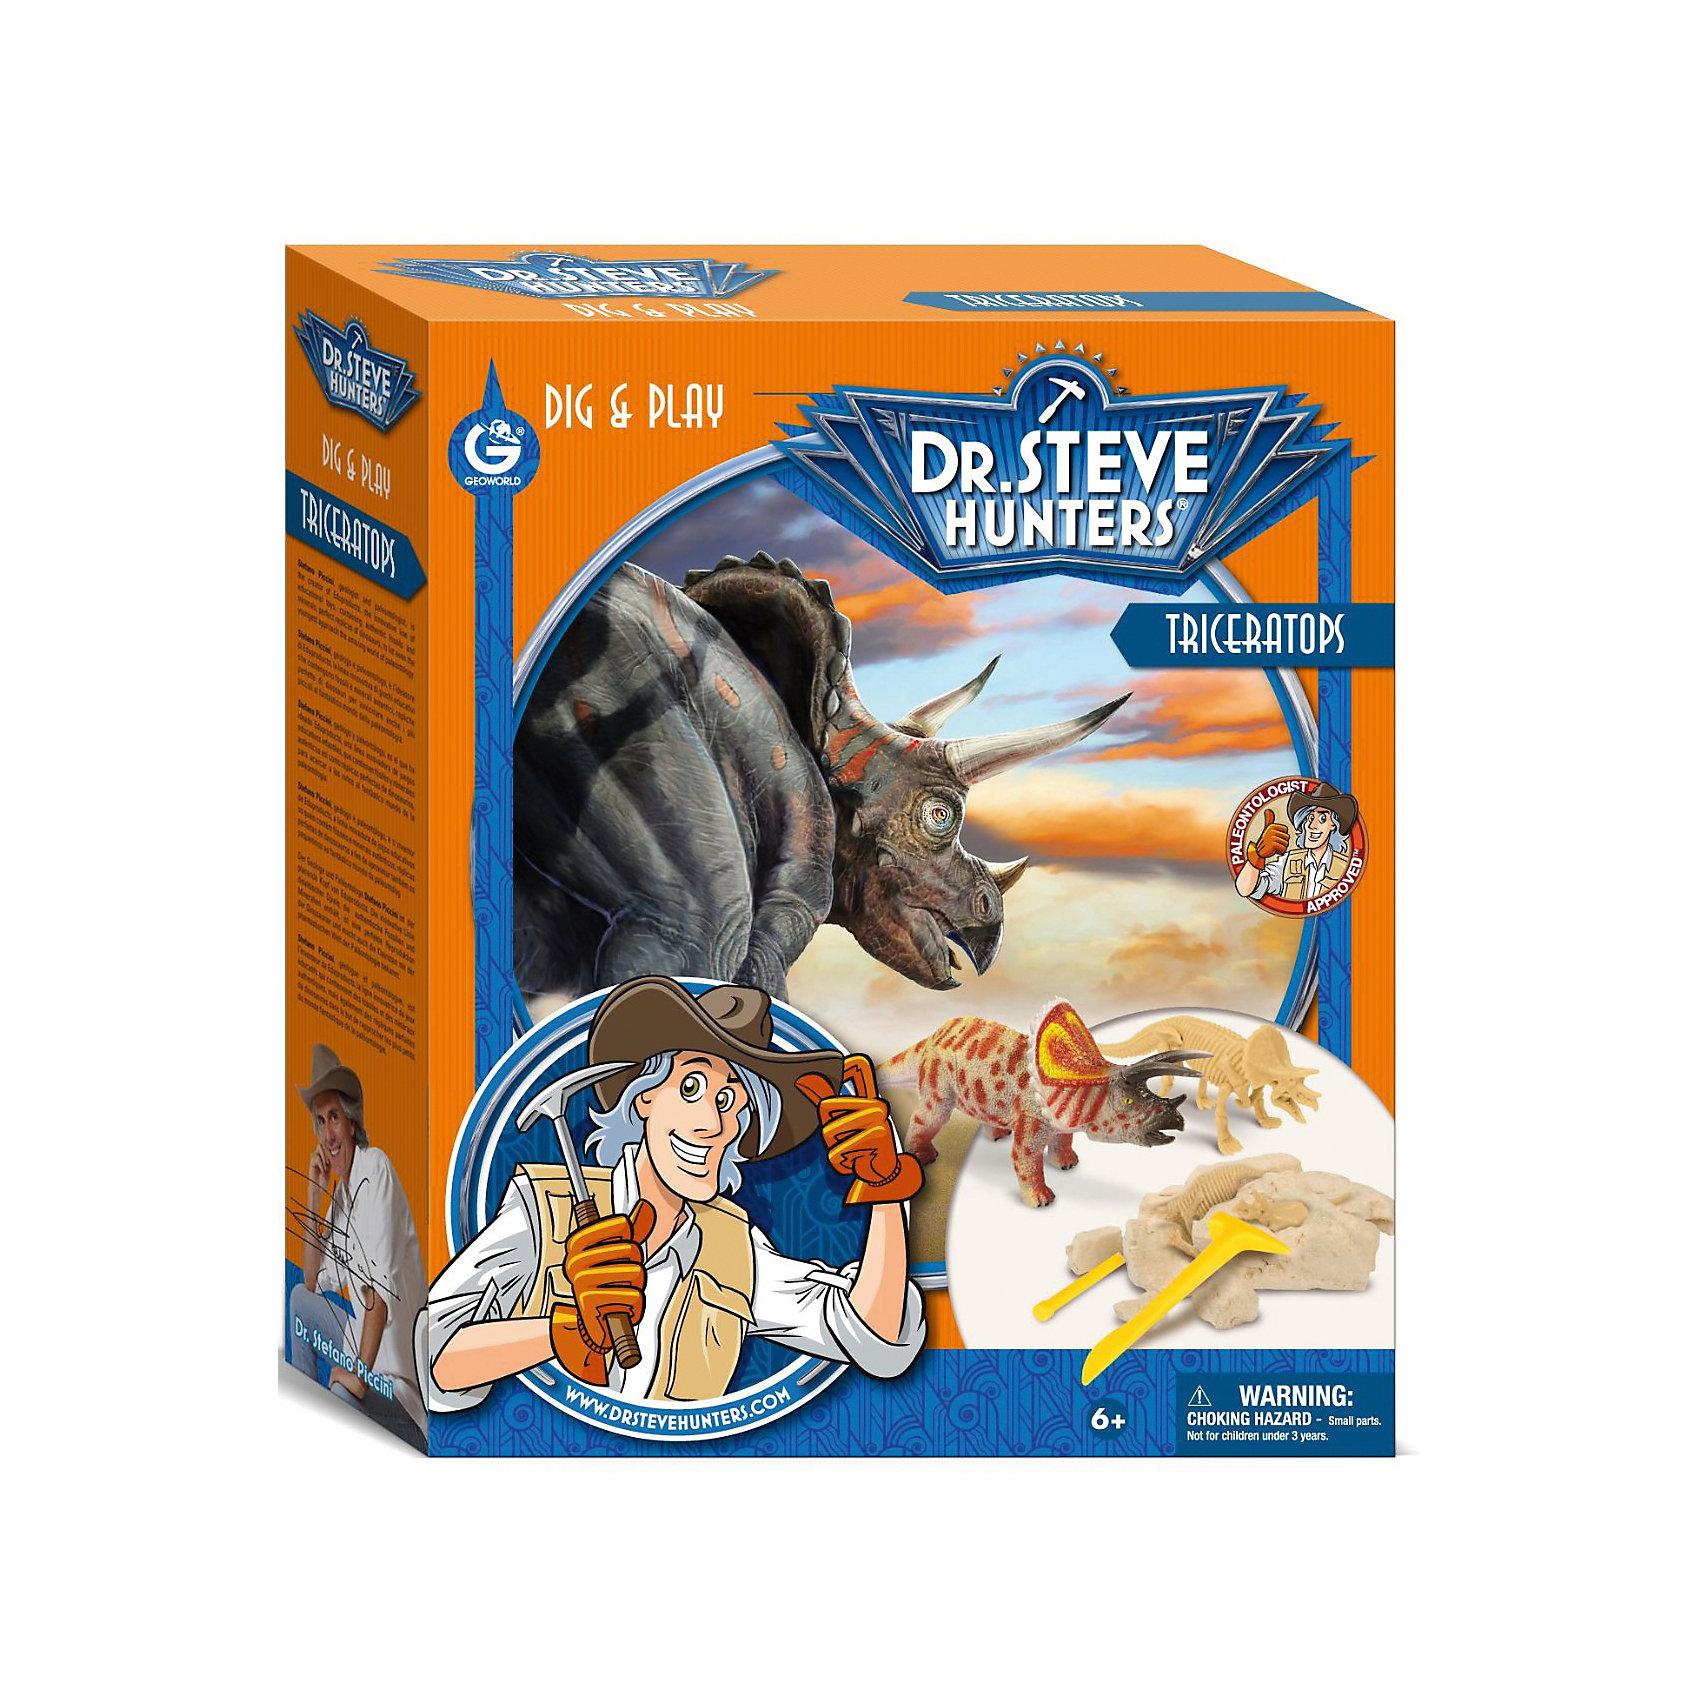 Набор для проведения раскопок + фигурка ТрицератопсНабор для проведения раскопок с фигуркой Трицератопс - занимательный набор для детей от 6 лет. С его помощью ребенок сможет самостоятельно заняться настоящими археологическими раскопками, найти части скелета тираннозавра и узнать много нового и интересного о мире динозавров. Все детали уникальны и не имеют аналогов. Такой набор станет прекрасным подарком для юных исследователей!<br><br>Дополнительная информация:<br>В комплекте: гипсовый брусок с деталями скелета внутри, фигурка трицератопса, палеонтологические инструменты(щеточка, долото, молоточек), инструкция, информационный буклет<br>Длина коллекционного динозавра: 10 см<br>Длина сборного динозавра: 17 см<br>Материал: гипс, пластик<br>Размер: 6,5х27х23 см<br>Вес: 526 грамм<br>Набор для проведения раскопок с фигуркой Трицератопс вы можете приобрести в нашем интернет-магазине.<br><br>Ширина мм: 230<br>Глубина мм: 270<br>Высота мм: 65<br>Вес г: 526<br>Возраст от месяцев: 72<br>Возраст до месяцев: 144<br>Пол: Унисекс<br>Возраст: Детский<br>SKU: 4956854